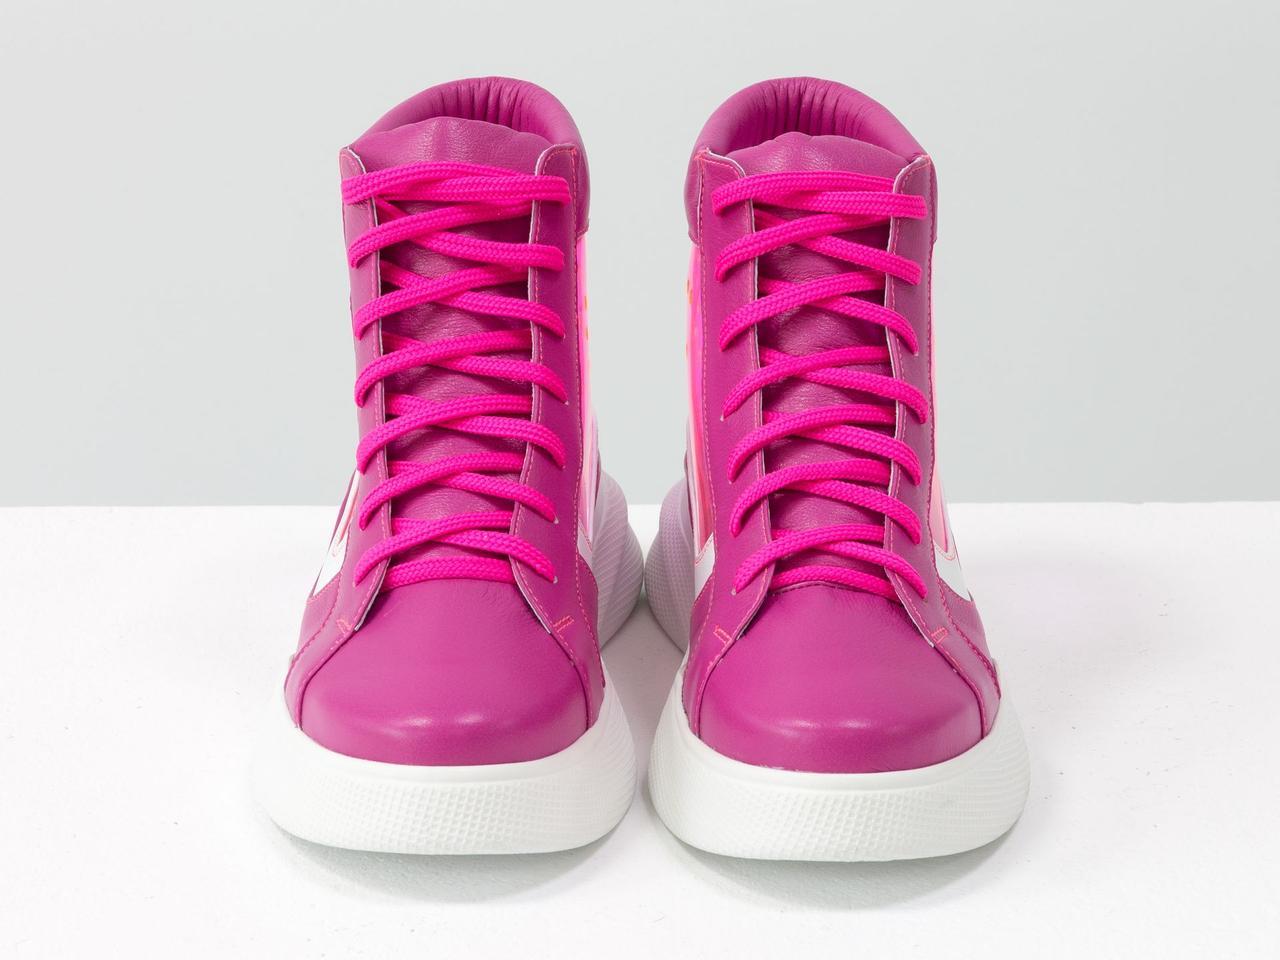 Дизайнерские прозрачные ботинки из натуральной кожи малинового и белого цвета со вставками из мягкого силикона - фото 4